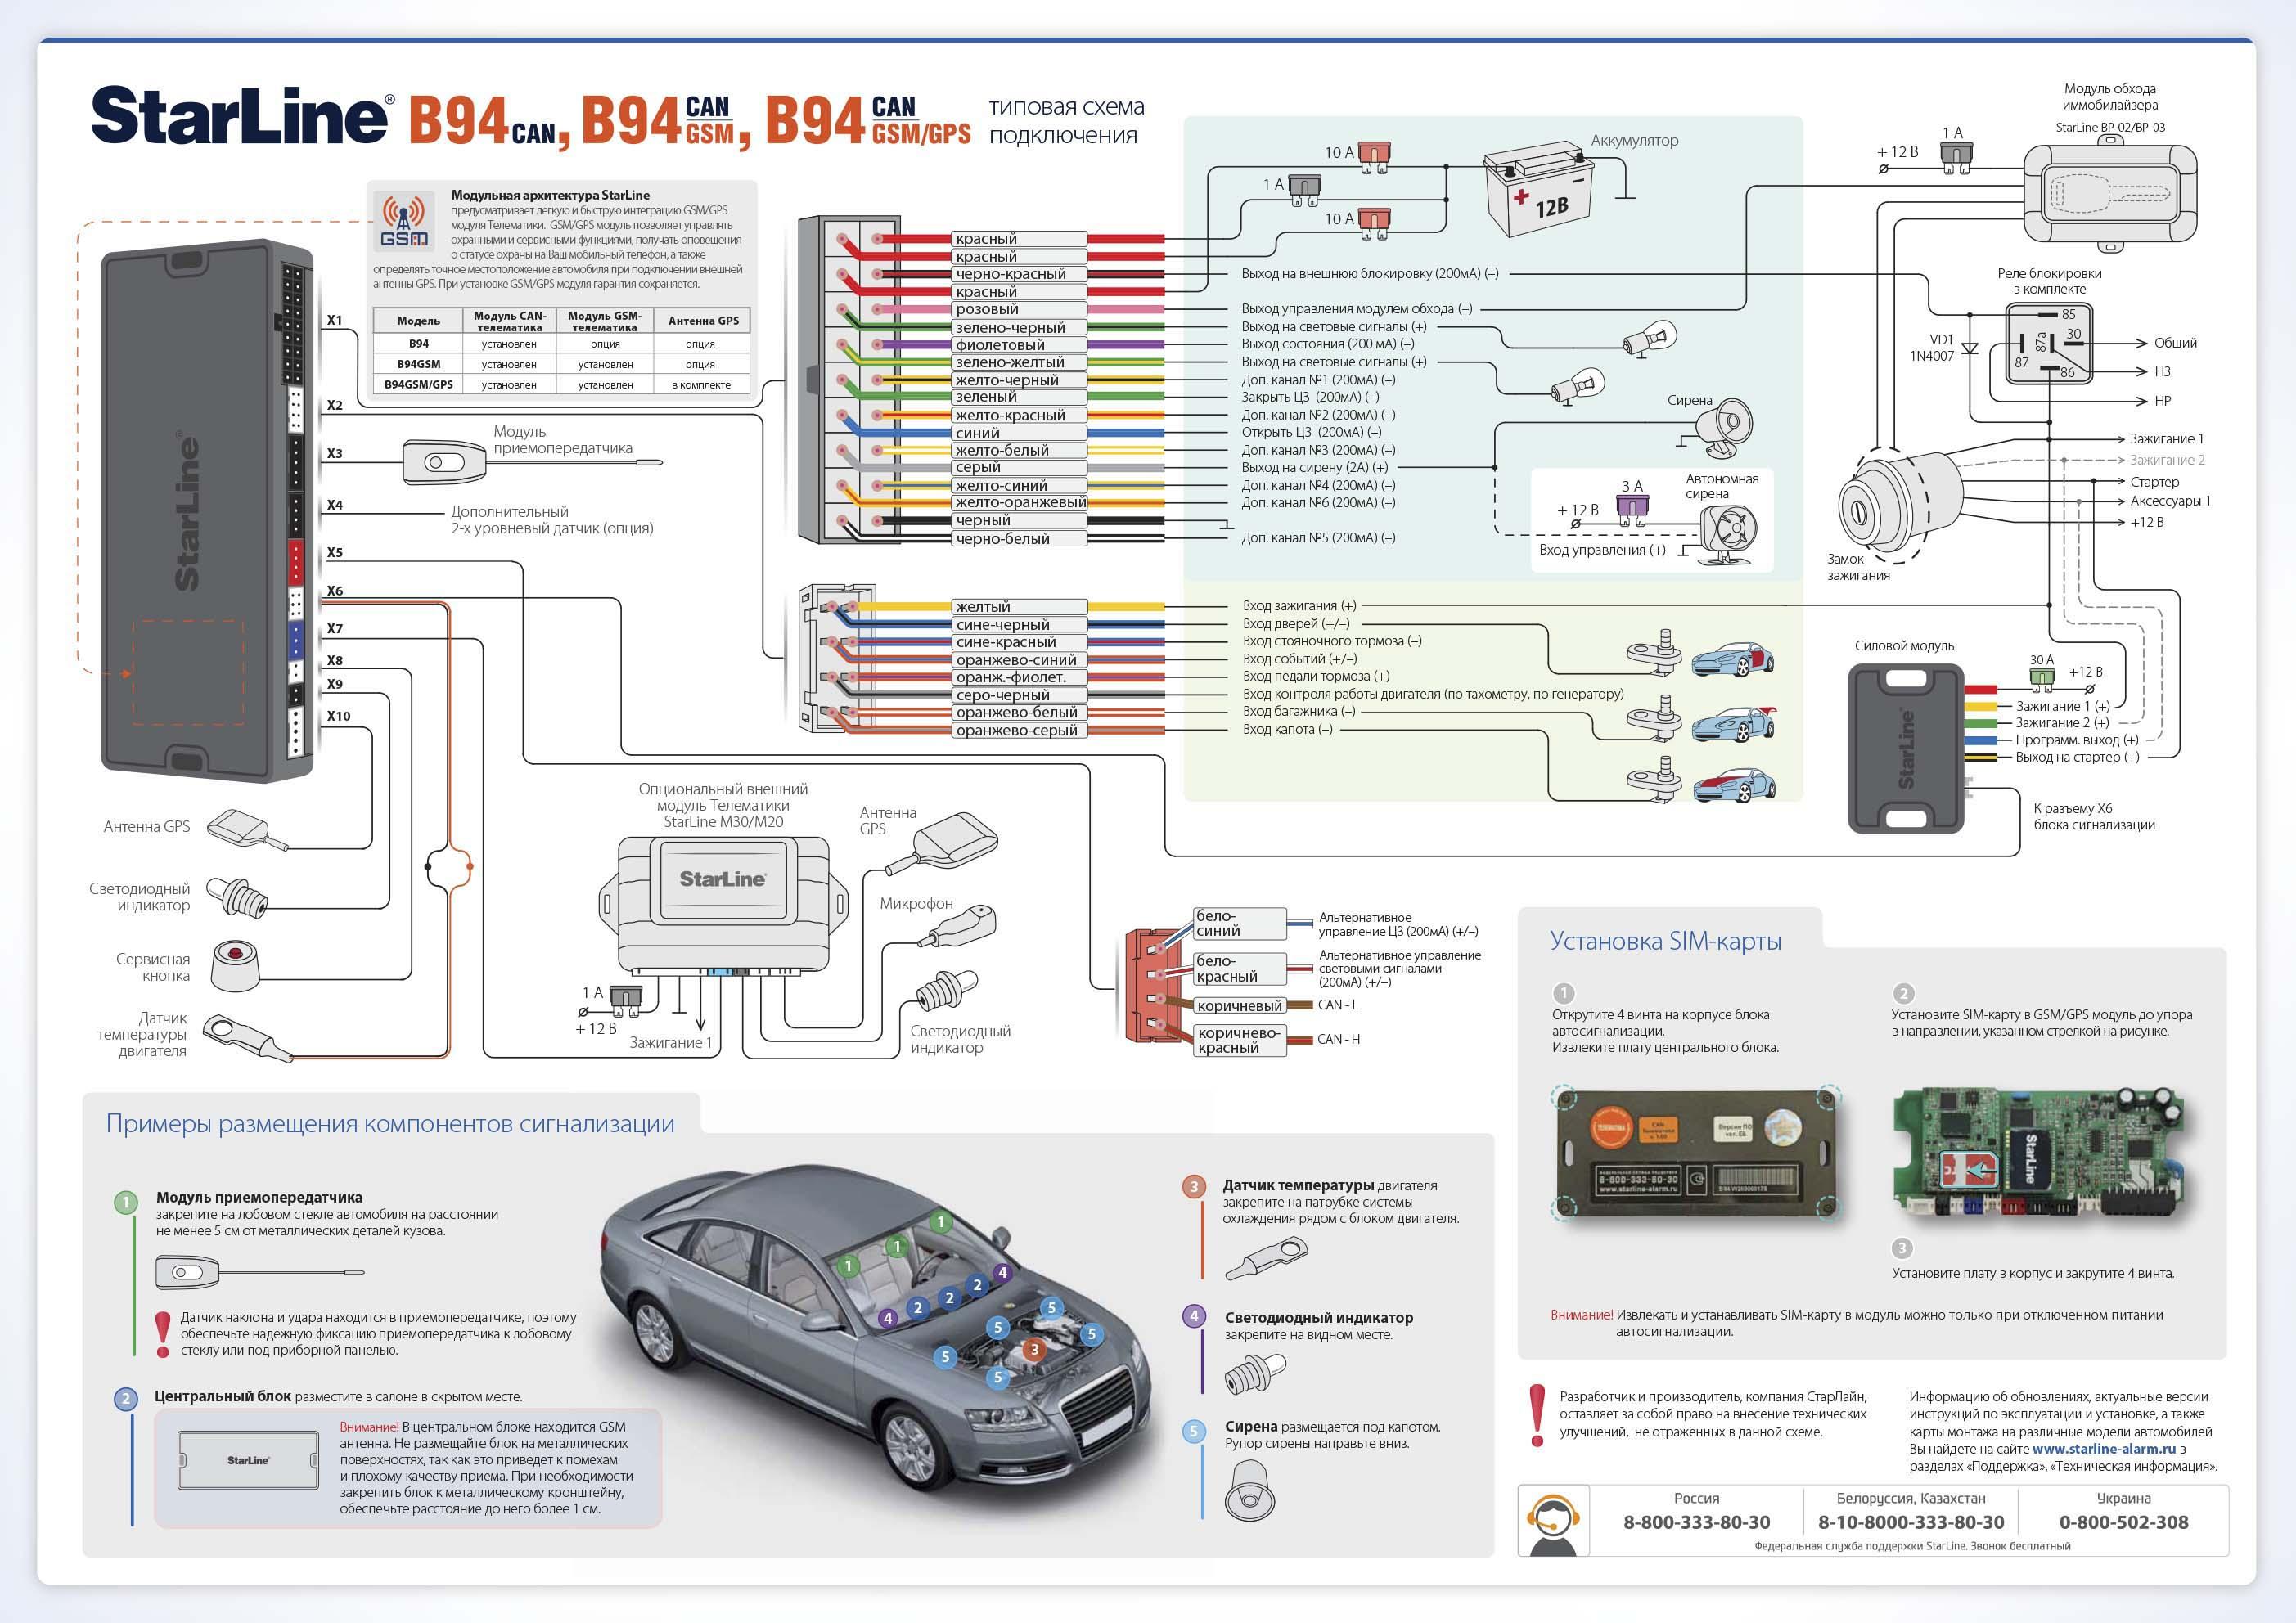 автозапуск старлайн а93 инструкция по эксплуатации